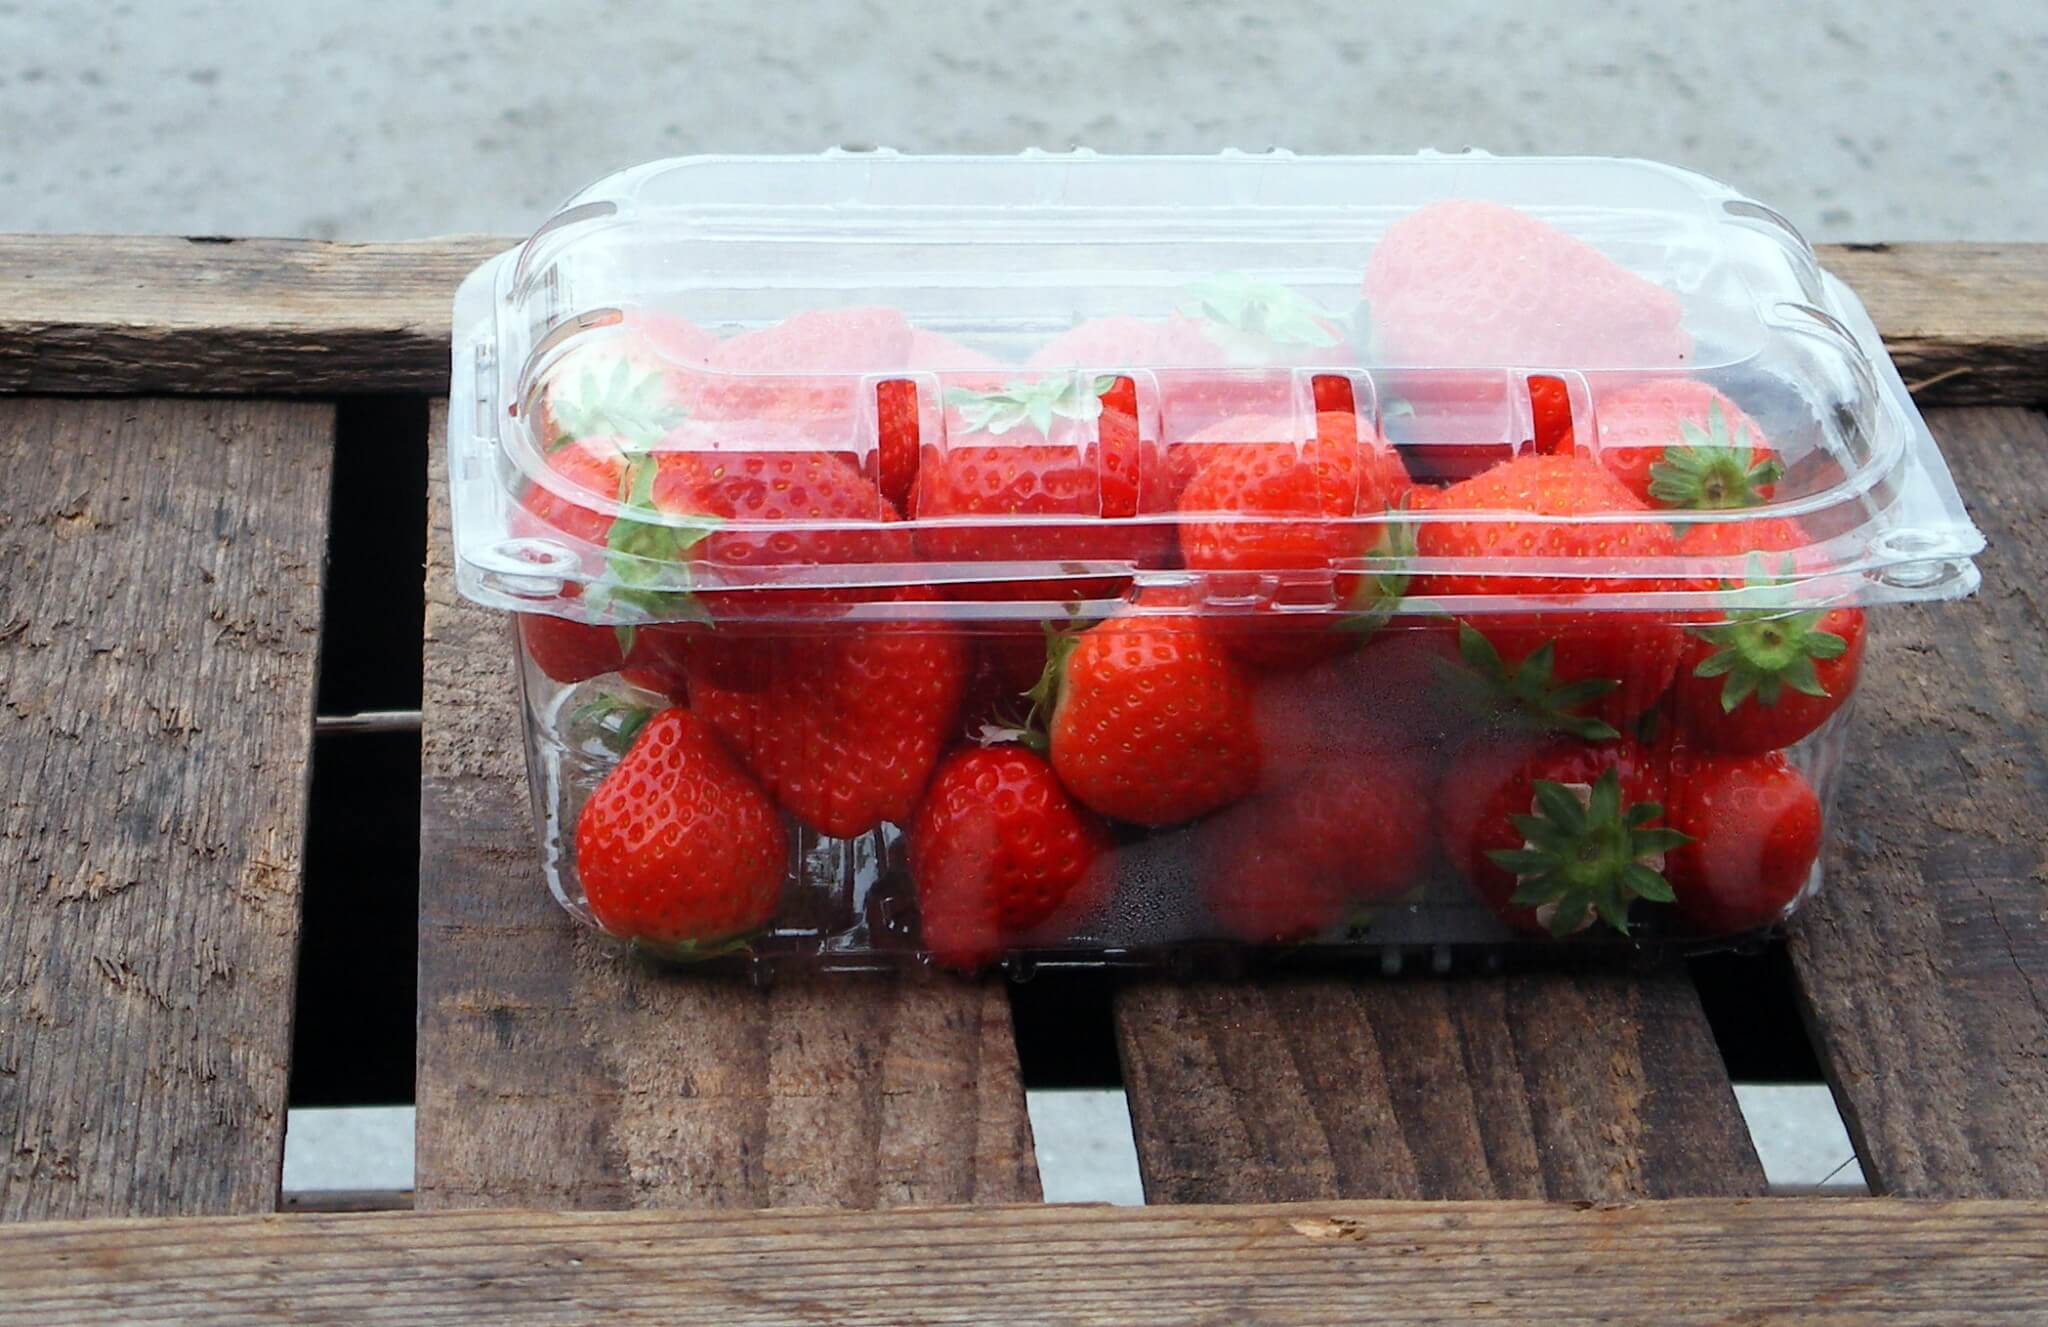 fruitbedrijf-van-den-berge_onze-fruitsoorten_aardbeien_bakje